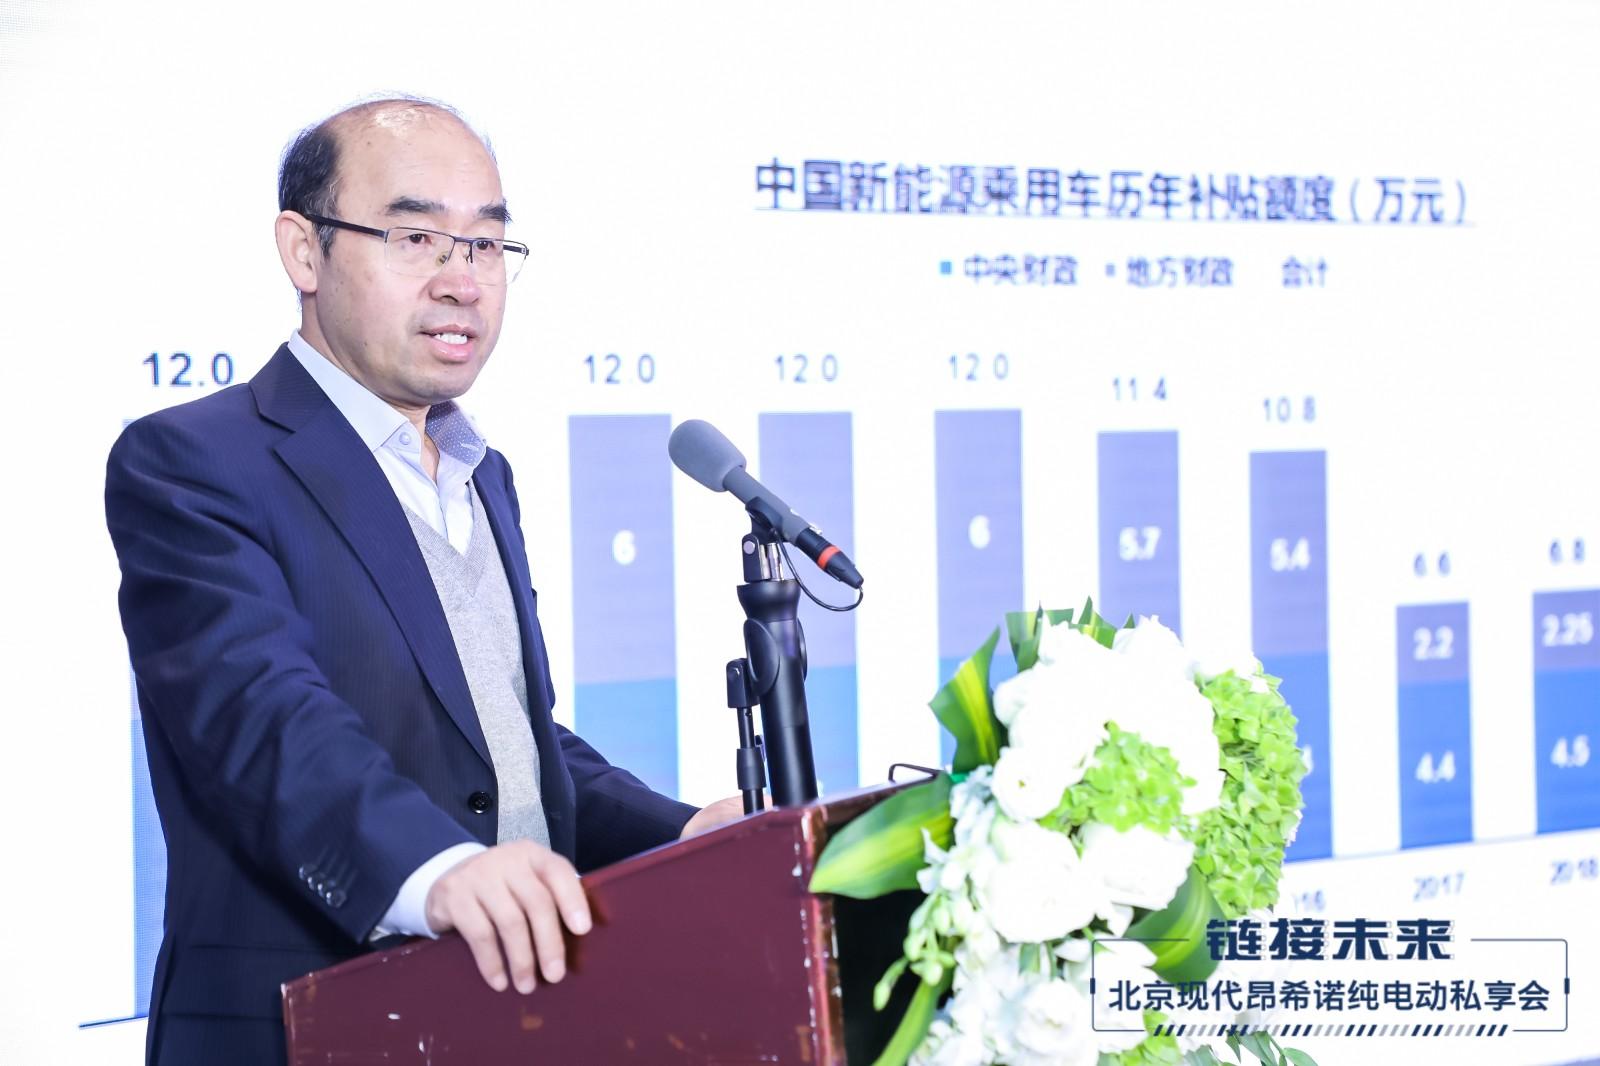 国家信息中心副主任、高级经济师徐长明